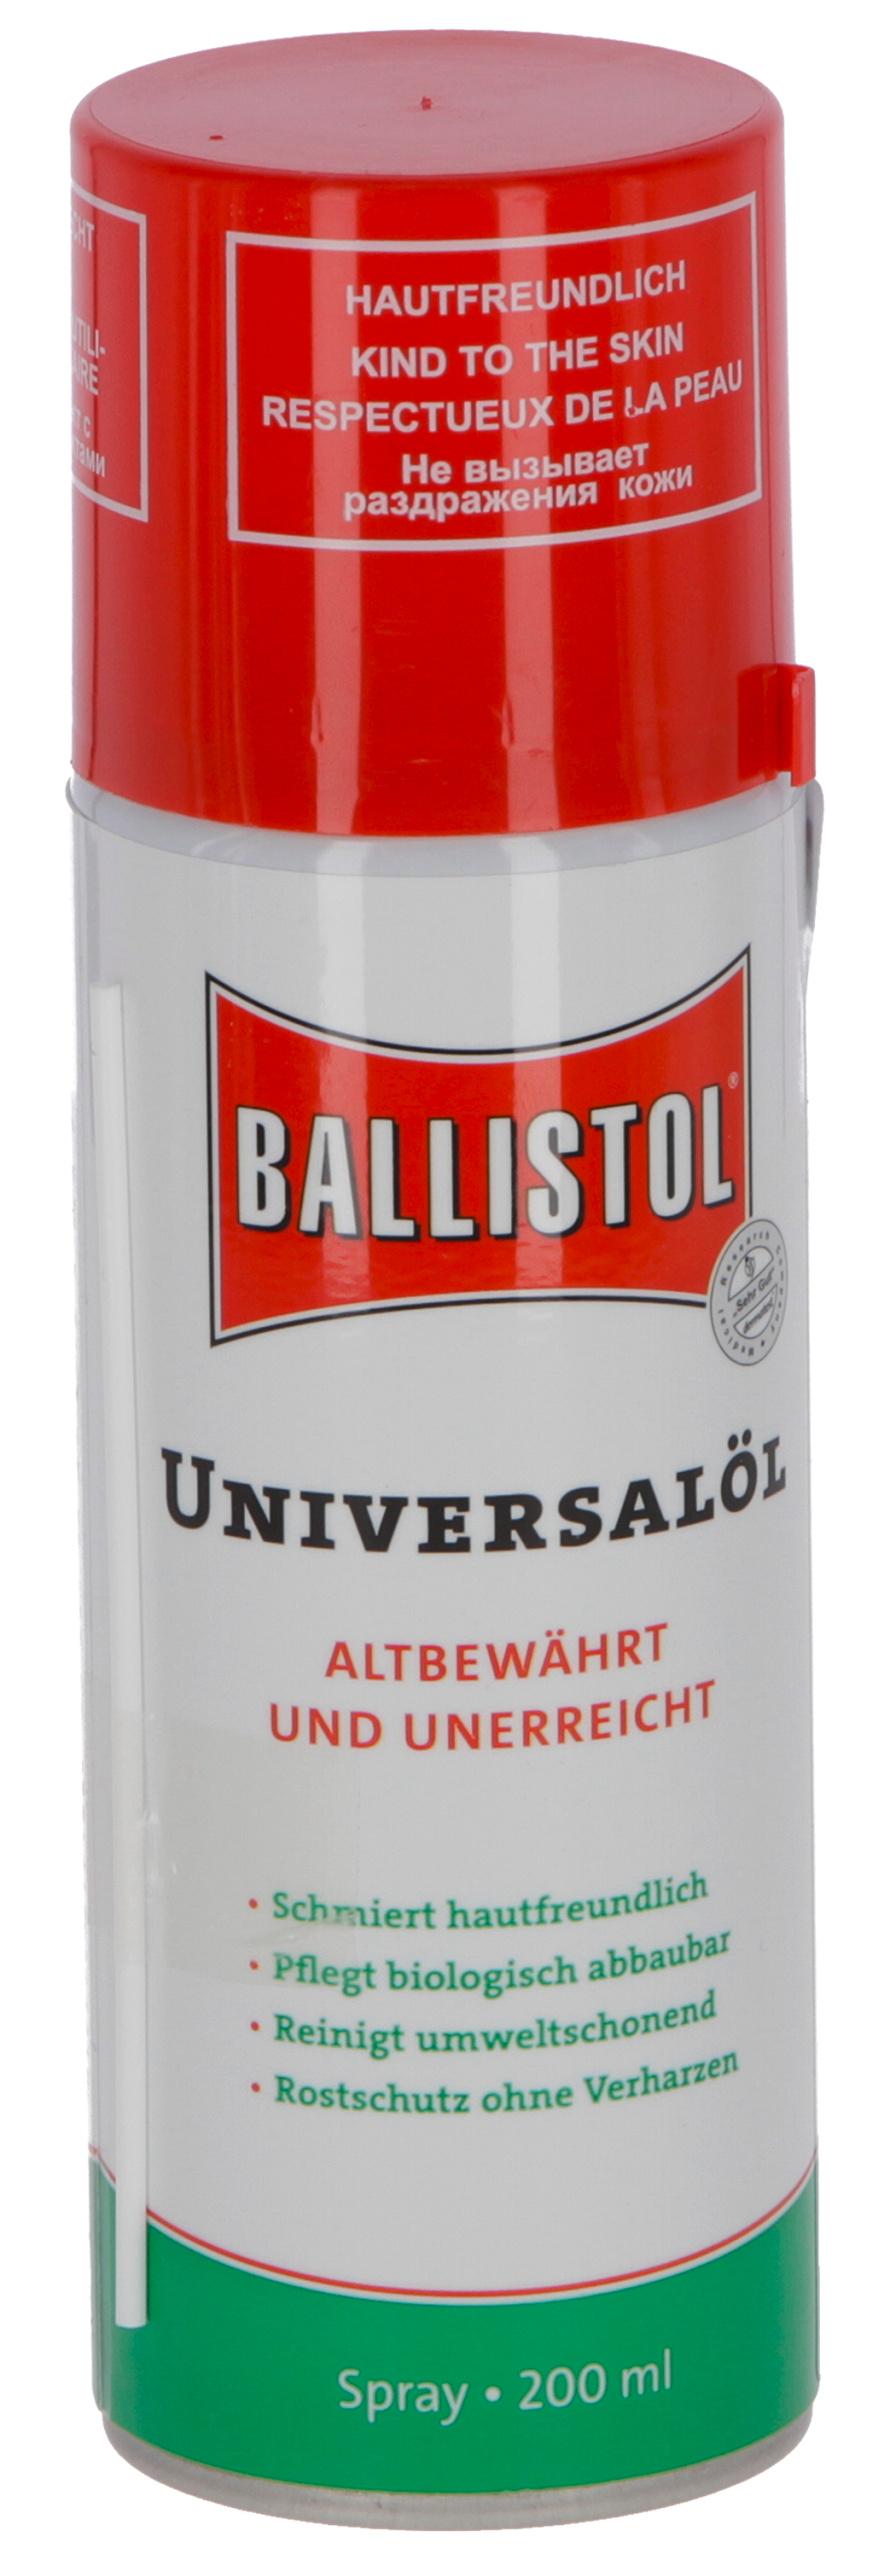 Ballistol-Spray 200ml